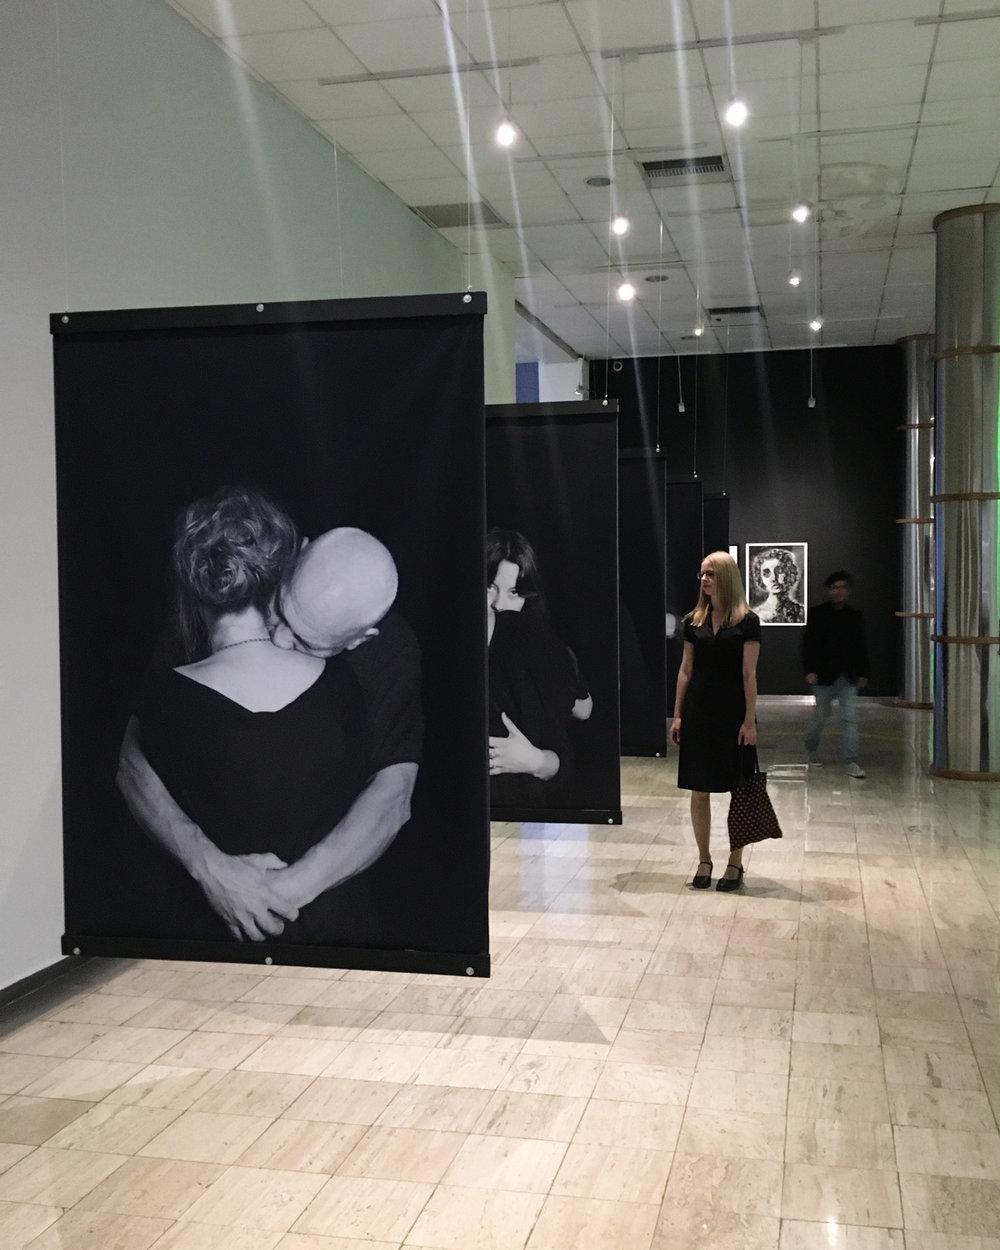 Sentí algo rozando mi espalda (duet composition #1), 2018    Proyecto Frontera (group exhibition) , Museo de Arte Contemporáneo Número 8 (MAC 8), Aguascalientes, Mexico, July 2018